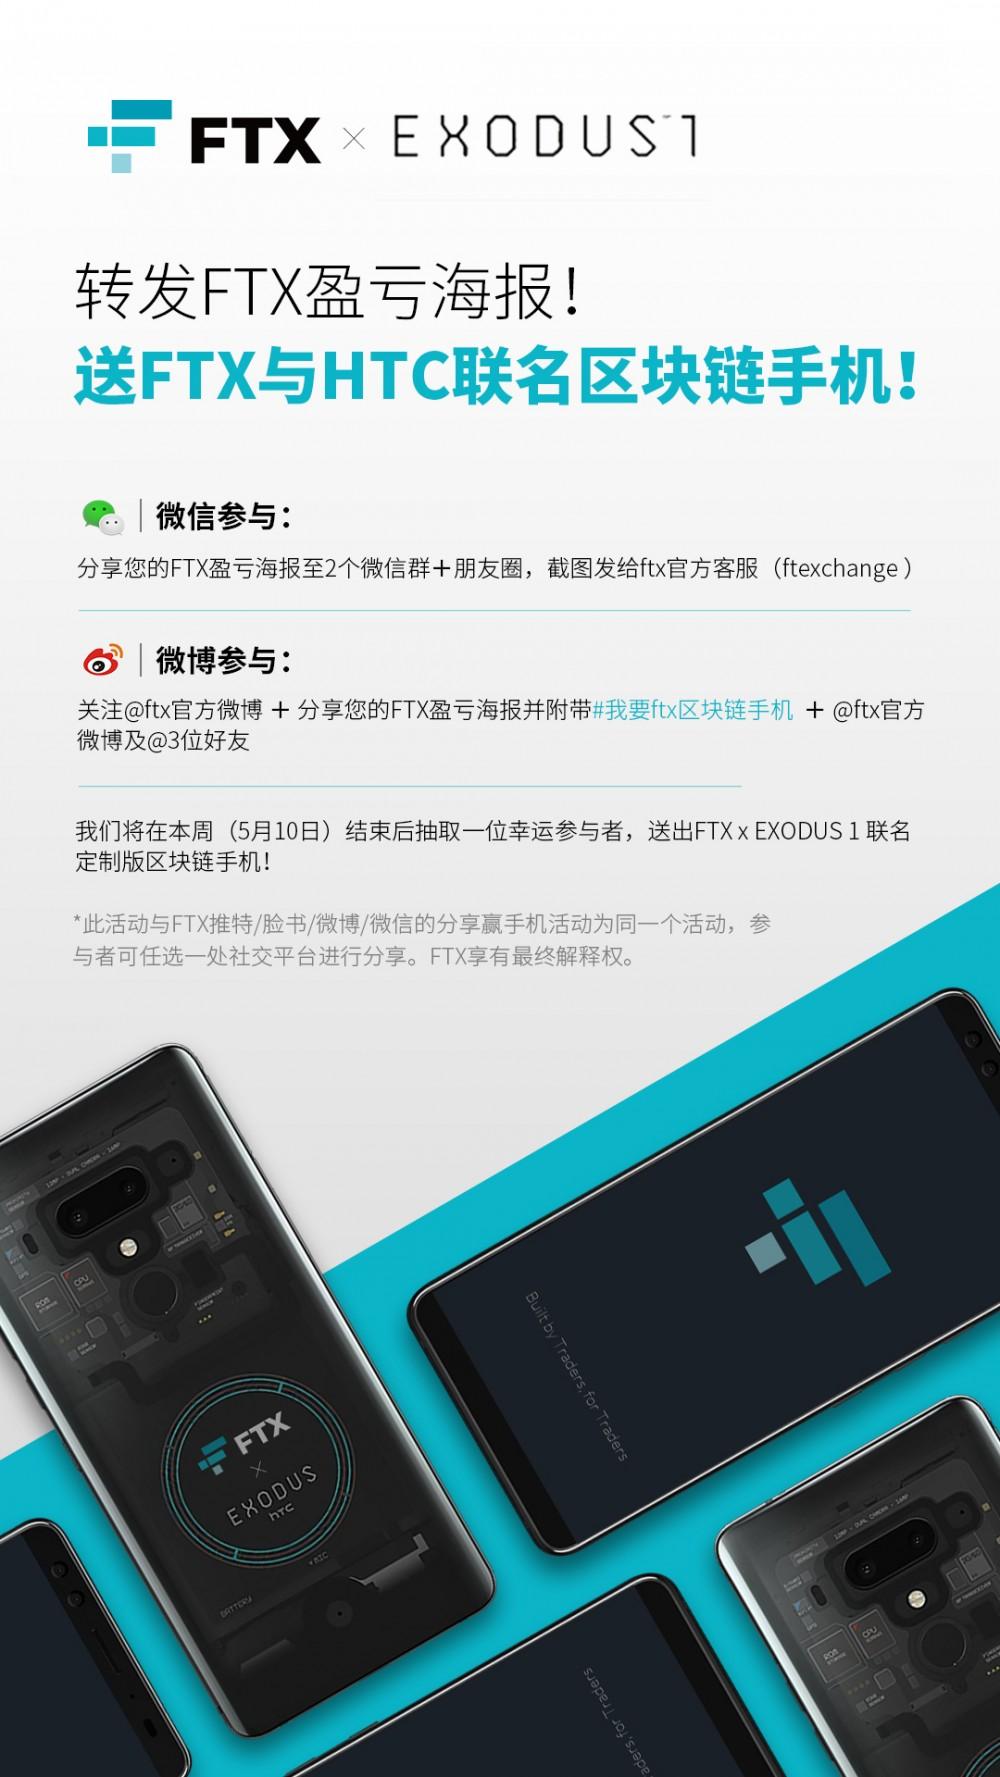 FTX活动 | 分享FTX盈亏海报!送FTX与HTC联名定制版 区块链 手机!